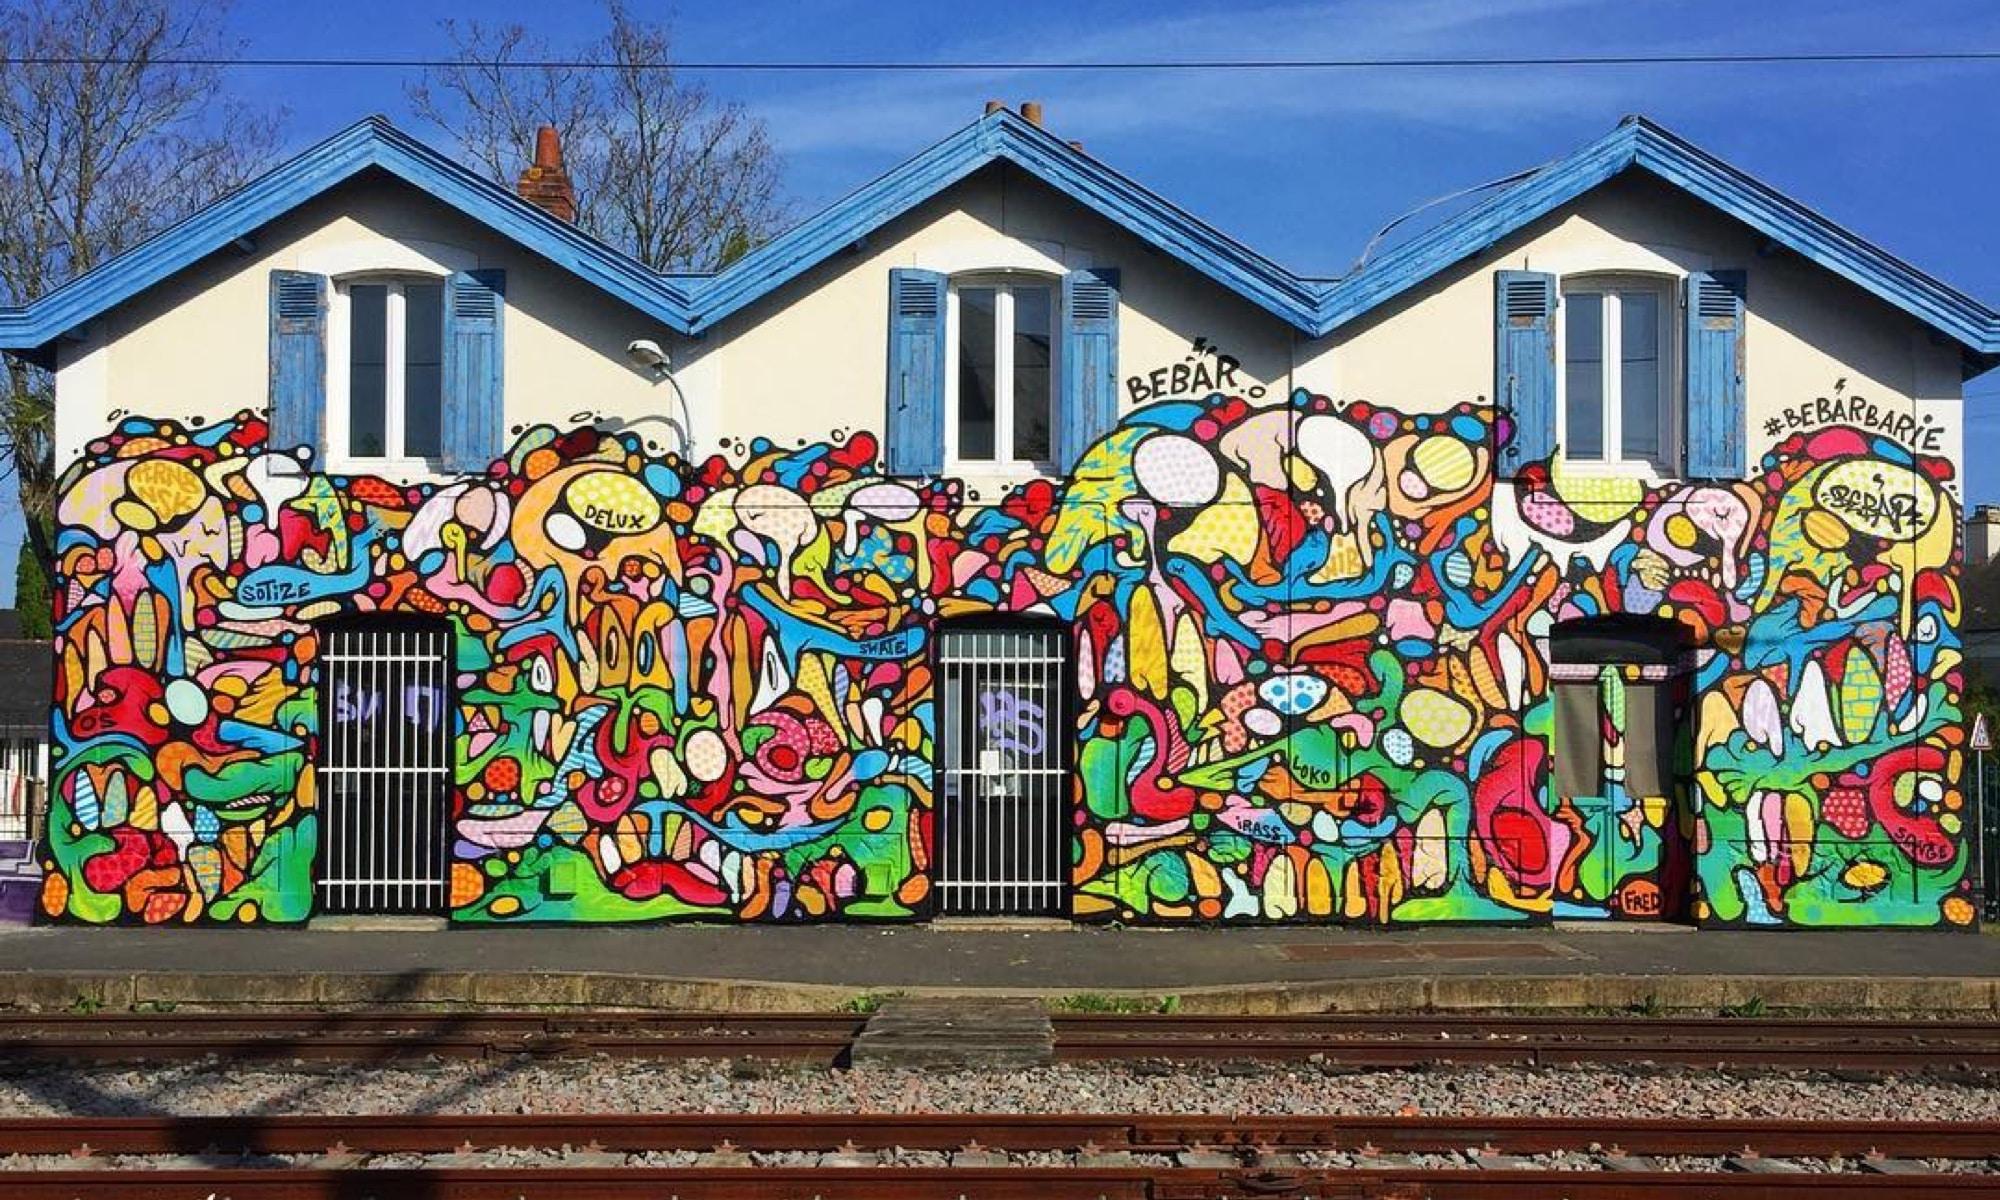 Street Artiste : Bebar